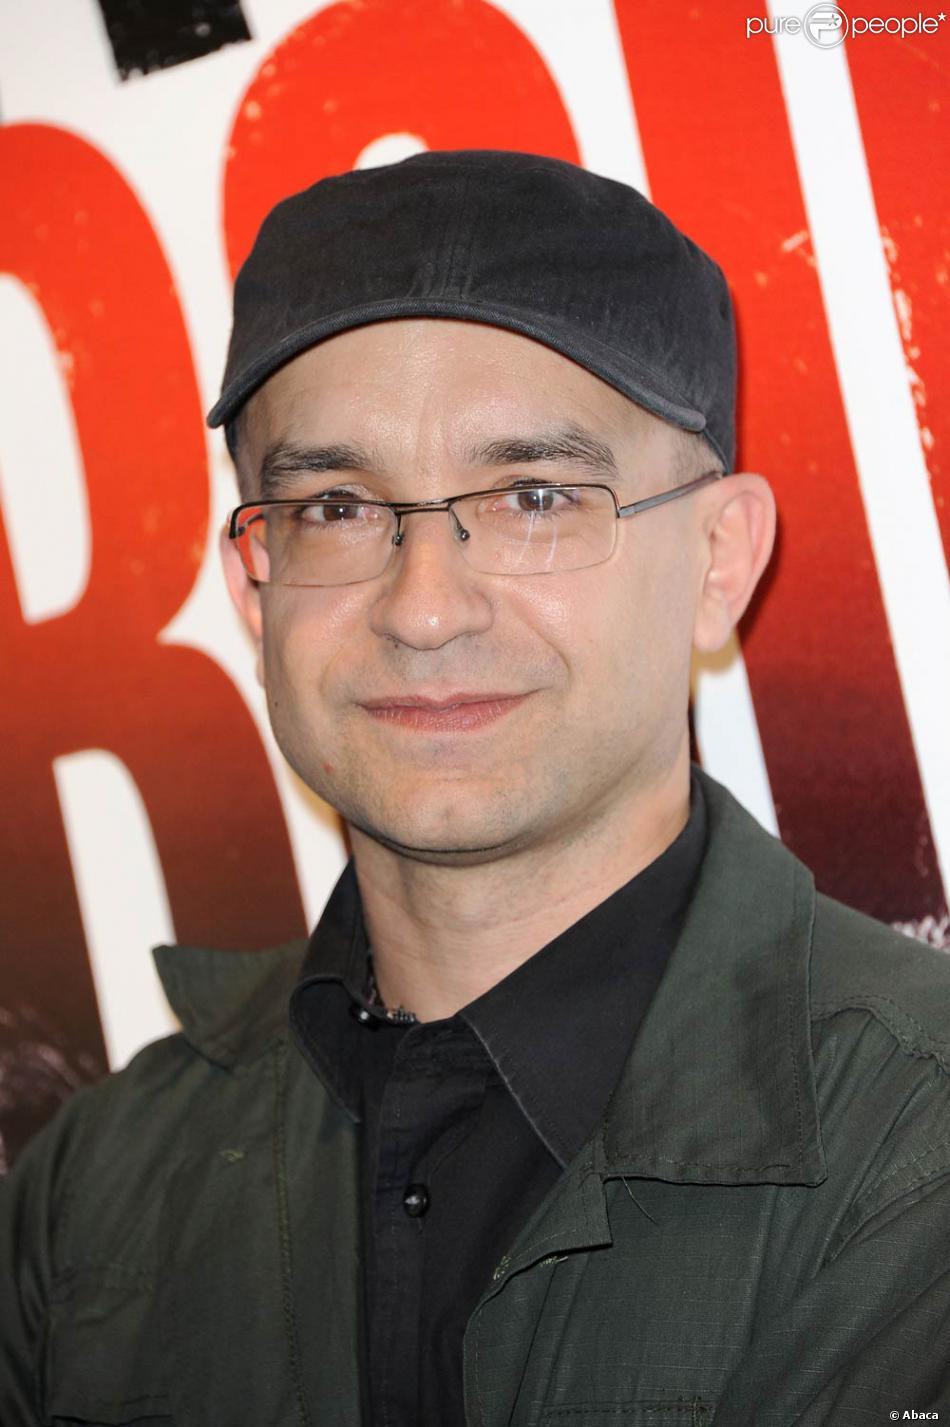 Le réalisateur Eric Valette à la projection du film La proie, au cinéma UGC Bercy. 12 avril 2011. - 595917-le-realisateur-eric-valette-a-la-950x0-2